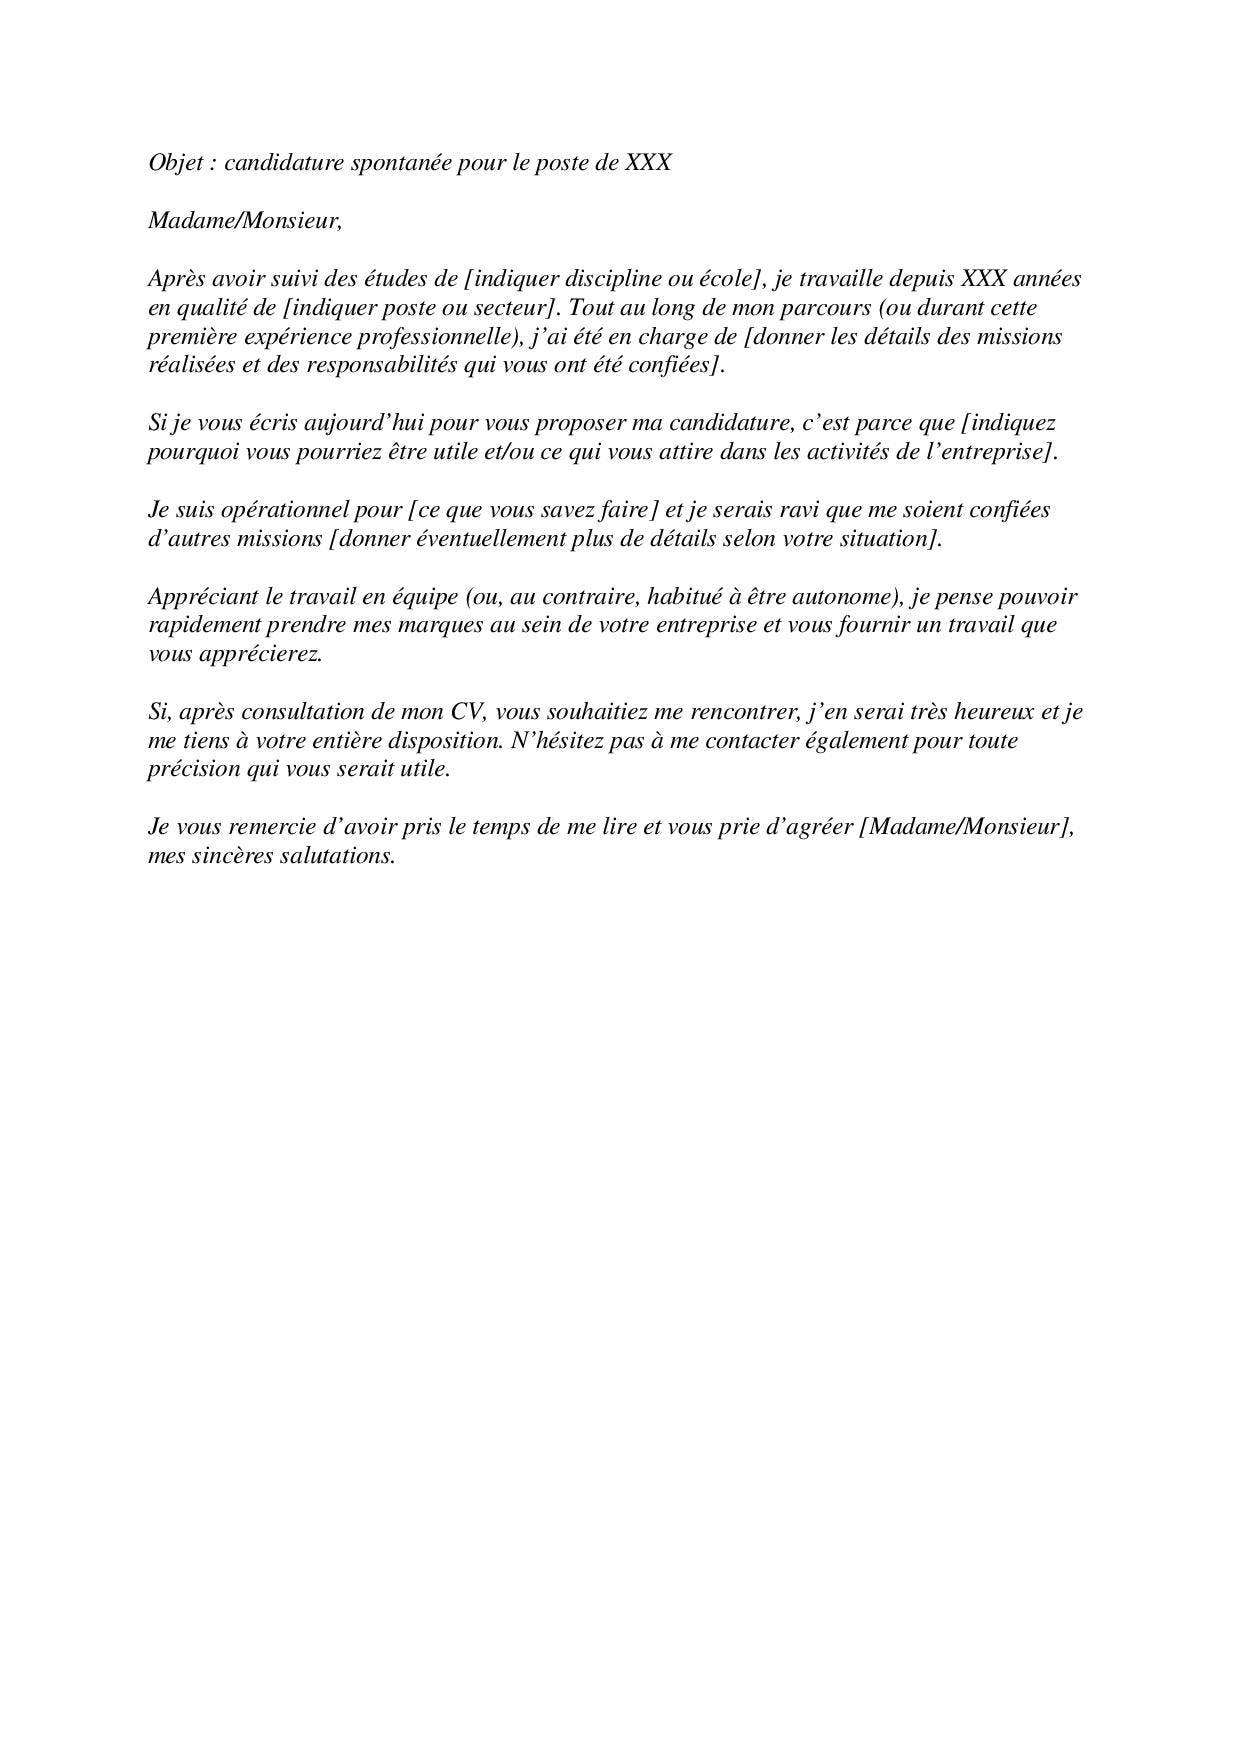 lettre de motivation pour candidature spontan u00e9e   2 bons